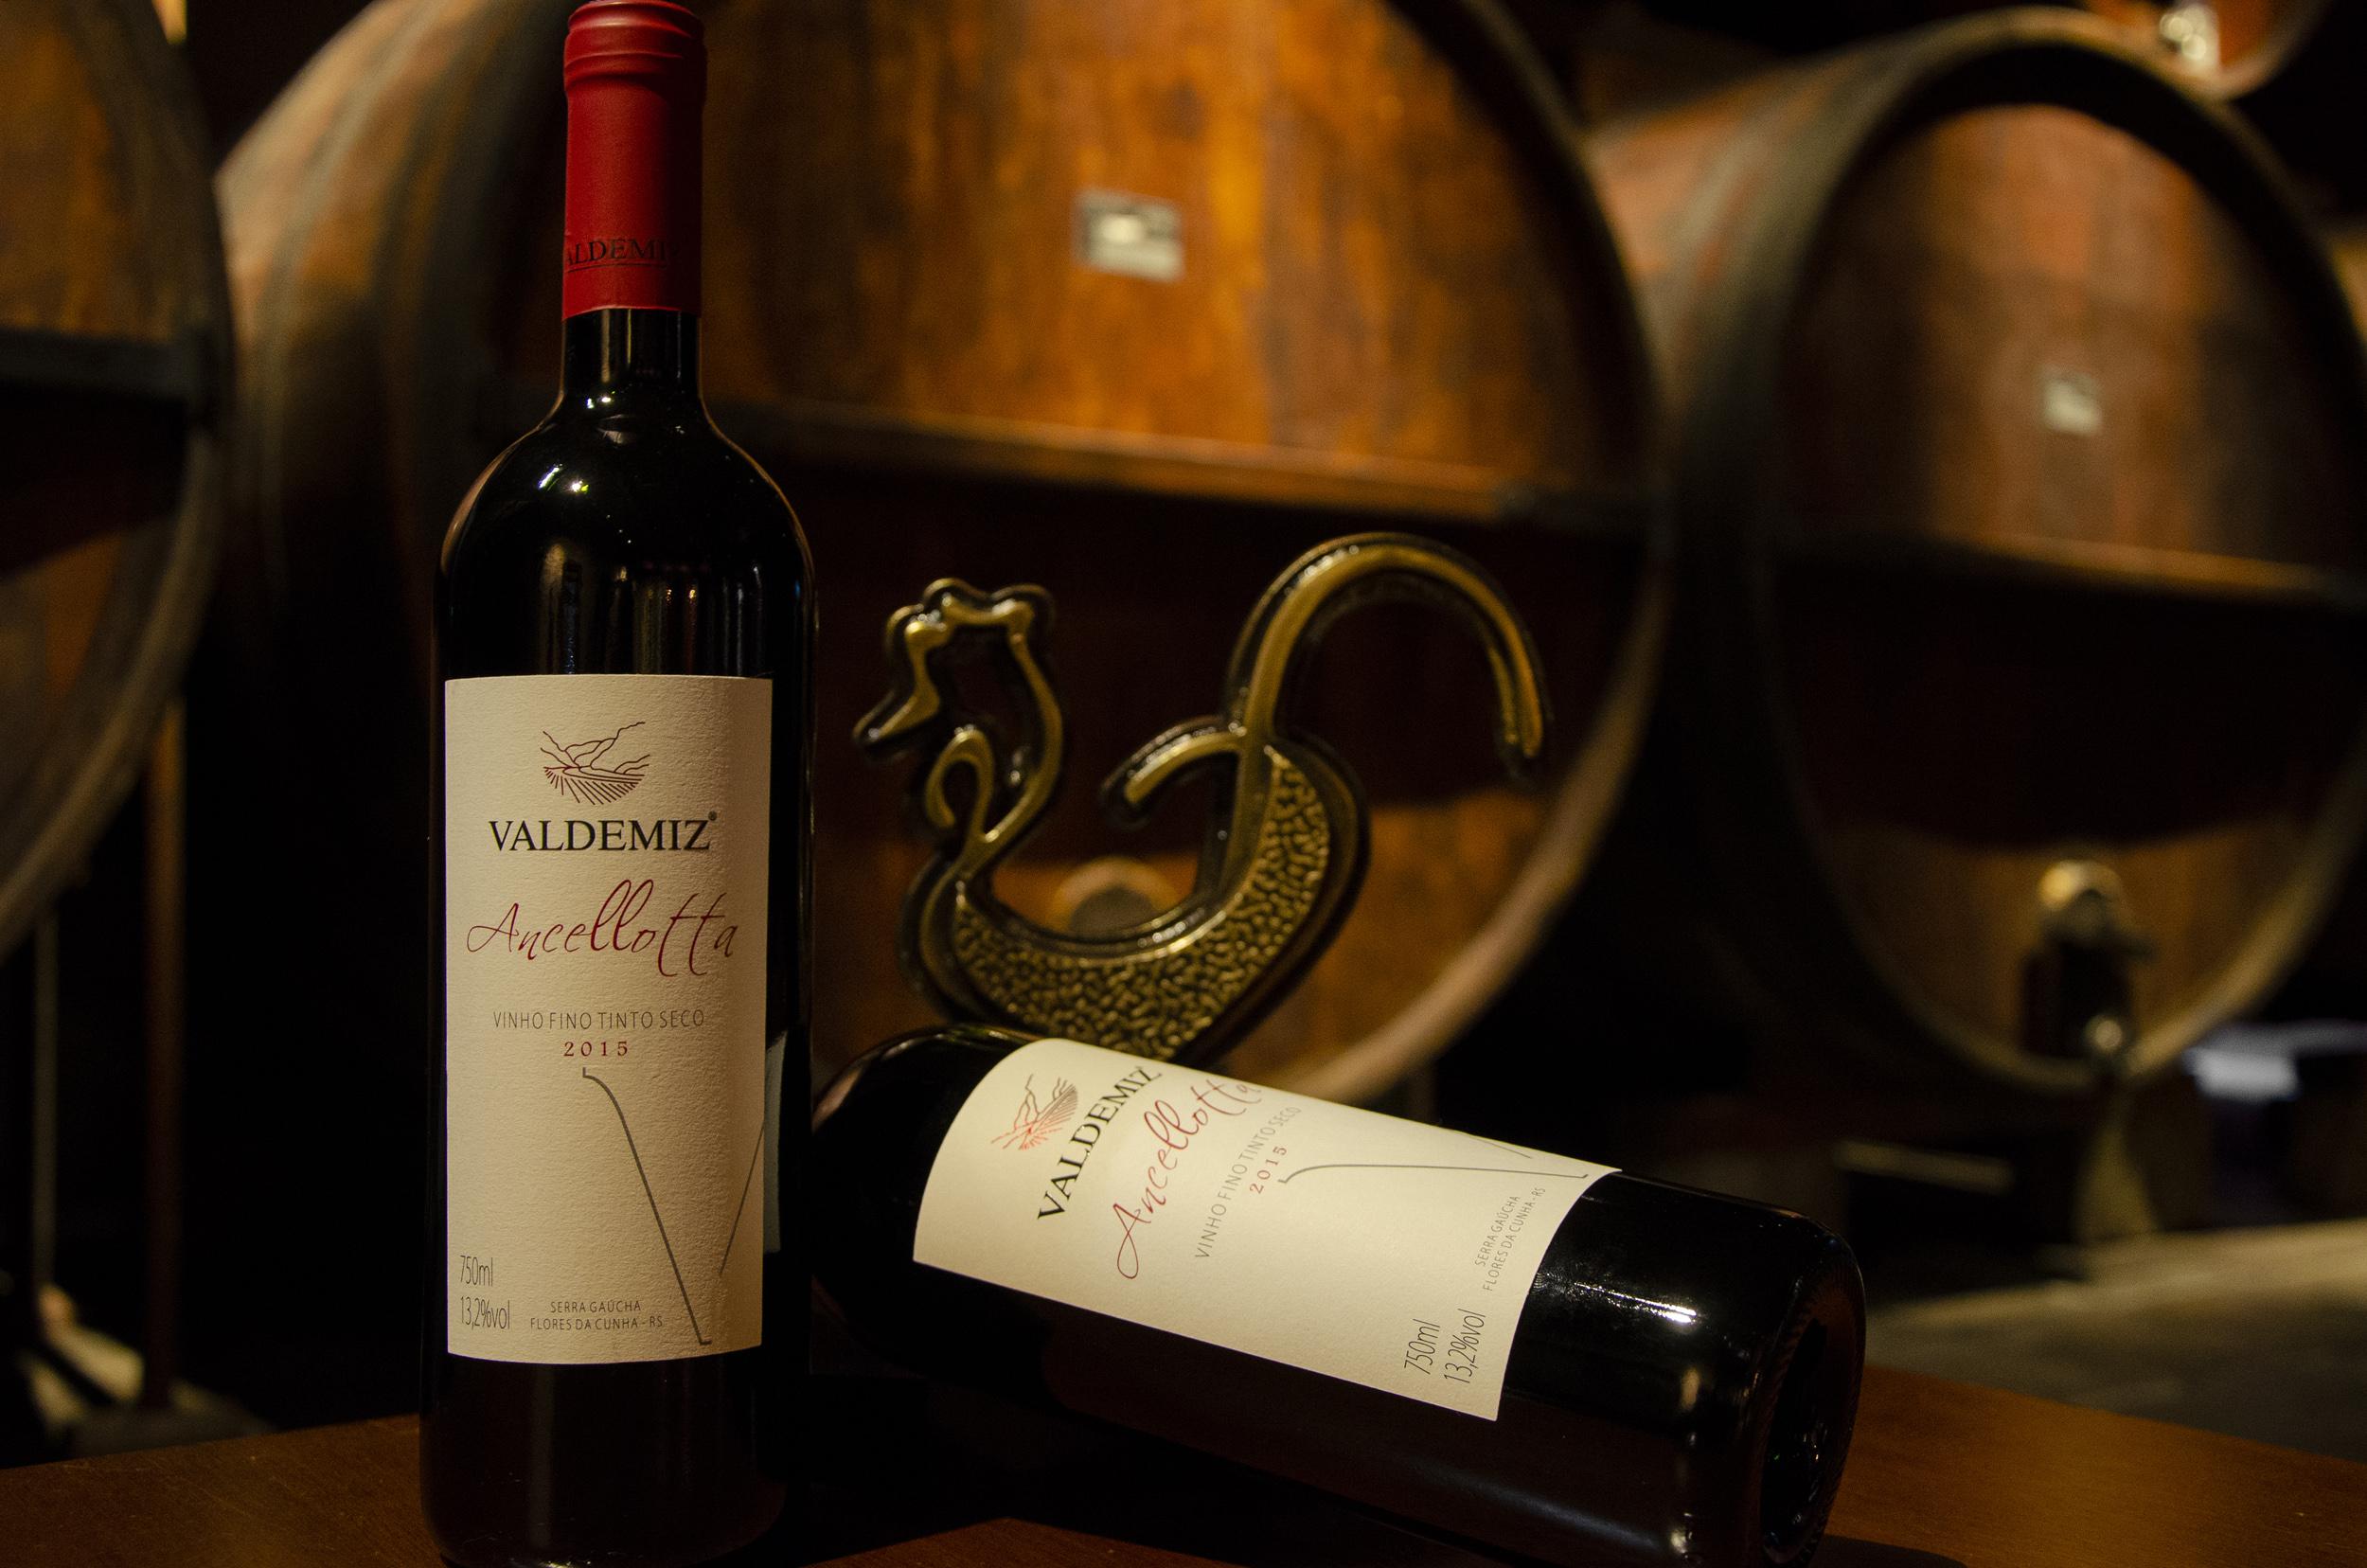 Valdemiz Ancellotta é destaque do prêmio Melhores Vinhos de Flores da Cunha